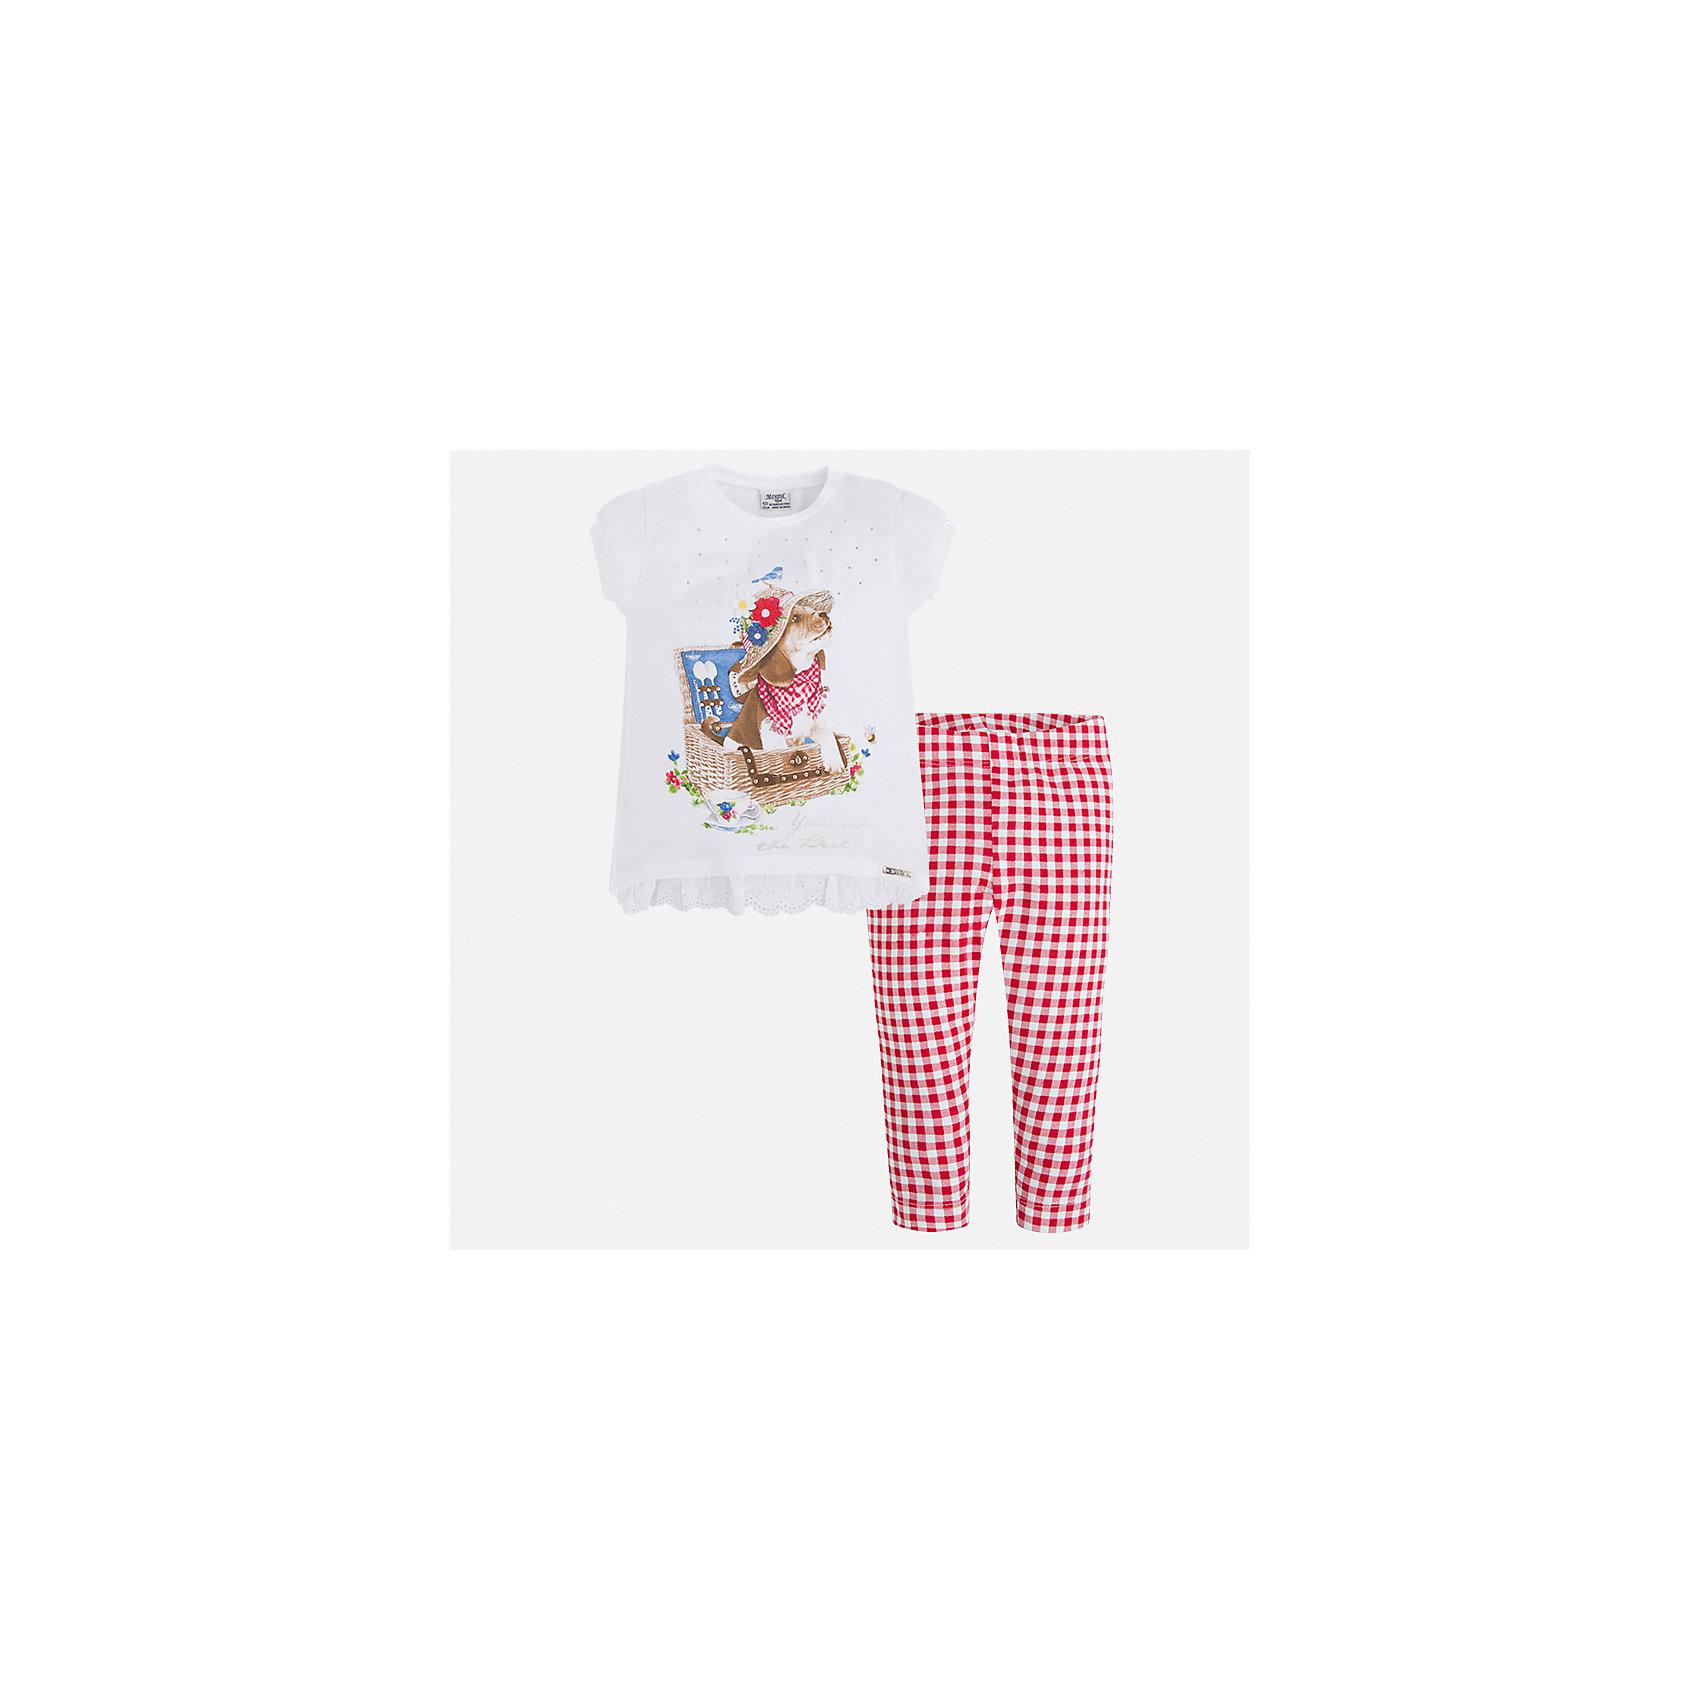 Комплект: футбола с длинным рукавом и леггинсы для девочки MayoralХарактеристики товара:<br><br>• цвет: белый/красный<br>• состав: 95% хлопок, 5% эластан<br>• комплектация: футболка, леггинсы<br>• футболка декорирована принтом<br>• леггинсы однотонные<br>• пояс на резинке<br>• страна бренда: Испания<br><br>Стильный качественный комплект для девочки поможет разнообразить гардероб ребенка и удобно одеться в теплую погоду. Он отлично сочетается с другими предметами. Универсальный цвет позволяет подобрать к вещам верхнюю одежду практически любой расцветки. Интересная отделка модели делает её нарядной и оригинальной. В составе материала - натуральный хлопок, гипоаллергенный, приятный на ощупь, дышащий.<br><br>Одежда, обувь и аксессуары от испанского бренда Mayoral полюбились детям и взрослым по всему миру. Модели этой марки - стильные и удобные. Для их производства используются только безопасные, качественные материалы и фурнитура. Порадуйте ребенка модными и красивыми вещами от Mayoral! <br><br>Комплект для девочки от испанского бренда Mayoral (Майорал) можно купить в нашем интернет-магазине.<br><br>Ширина мм: 123<br>Глубина мм: 10<br>Высота мм: 149<br>Вес г: 209<br>Цвет: красный<br>Возраст от месяцев: 96<br>Возраст до месяцев: 108<br>Пол: Женский<br>Возраст: Детский<br>Размер: 134,92,98,104,110,116,122,128<br>SKU: 5290640